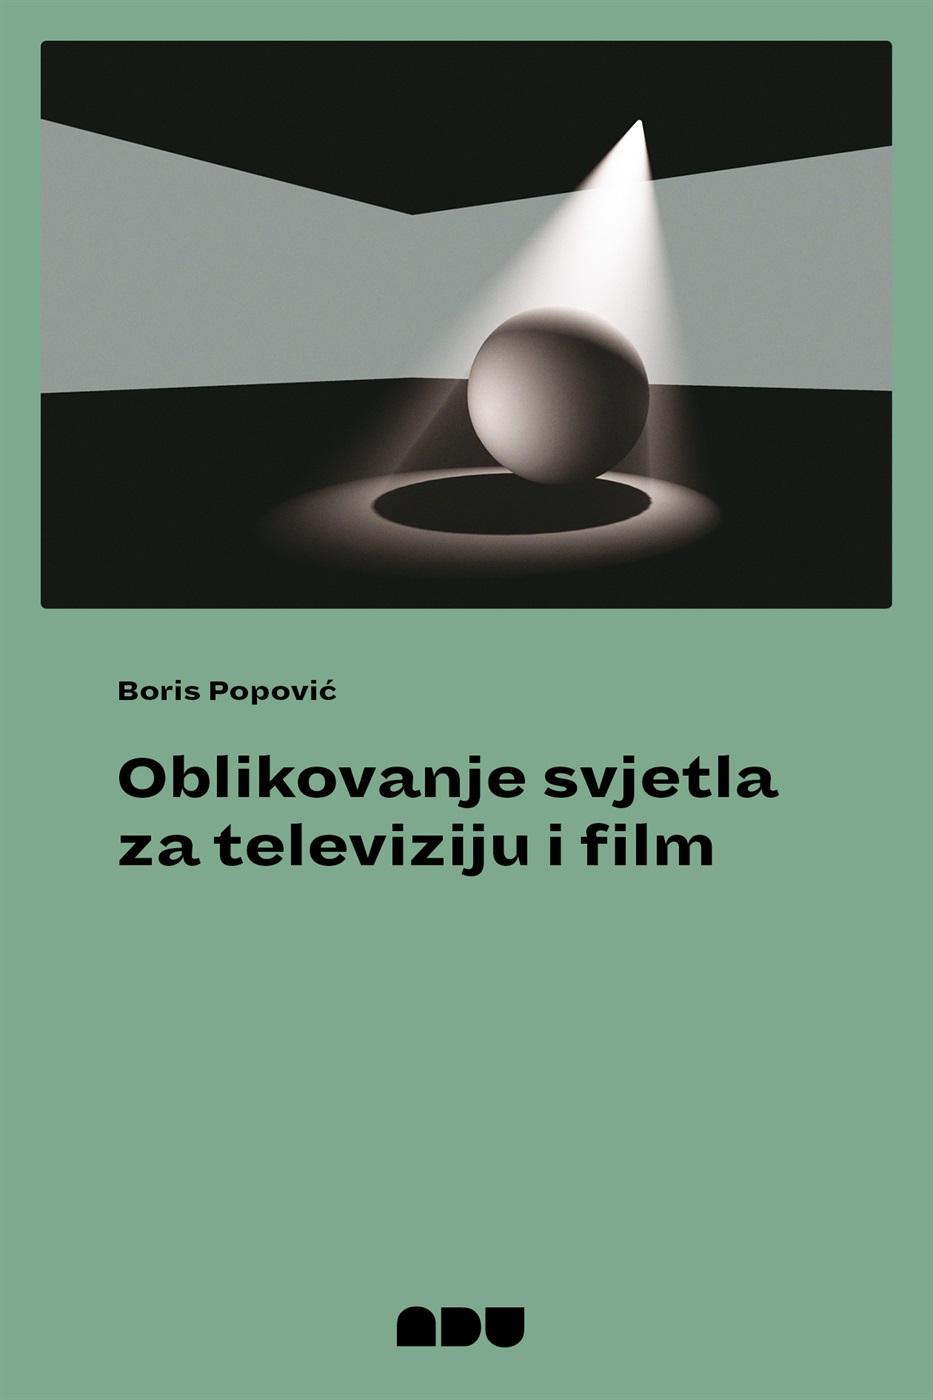 OBLIKOVANJE SVJETLA ZA TELEVIZIJU I FILM